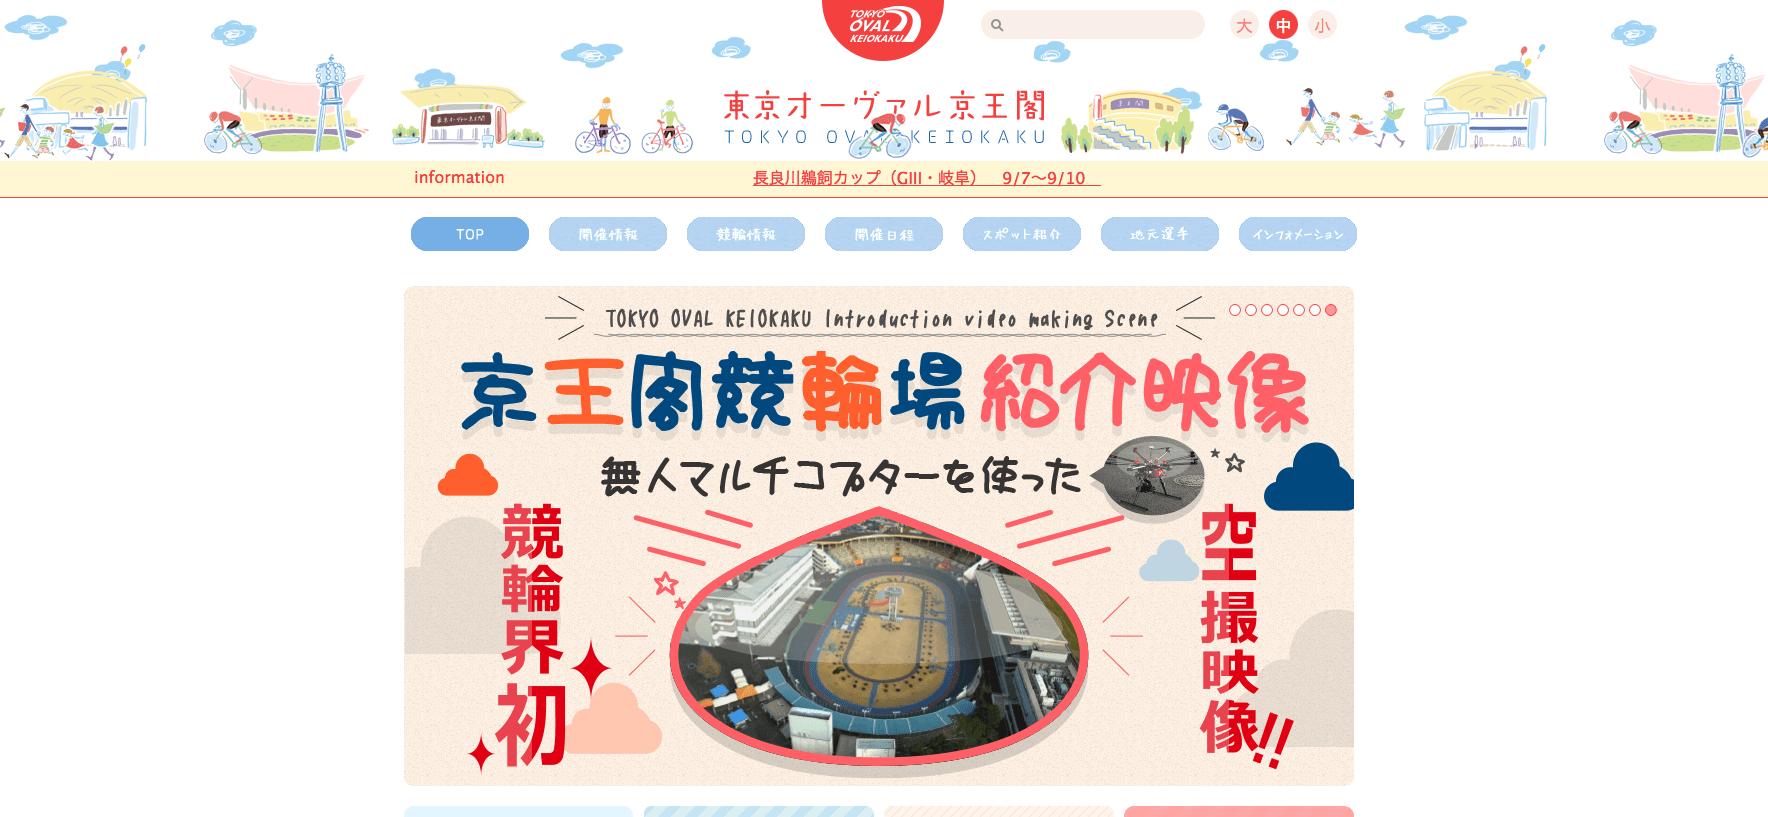 東京オーヴァル京王閣